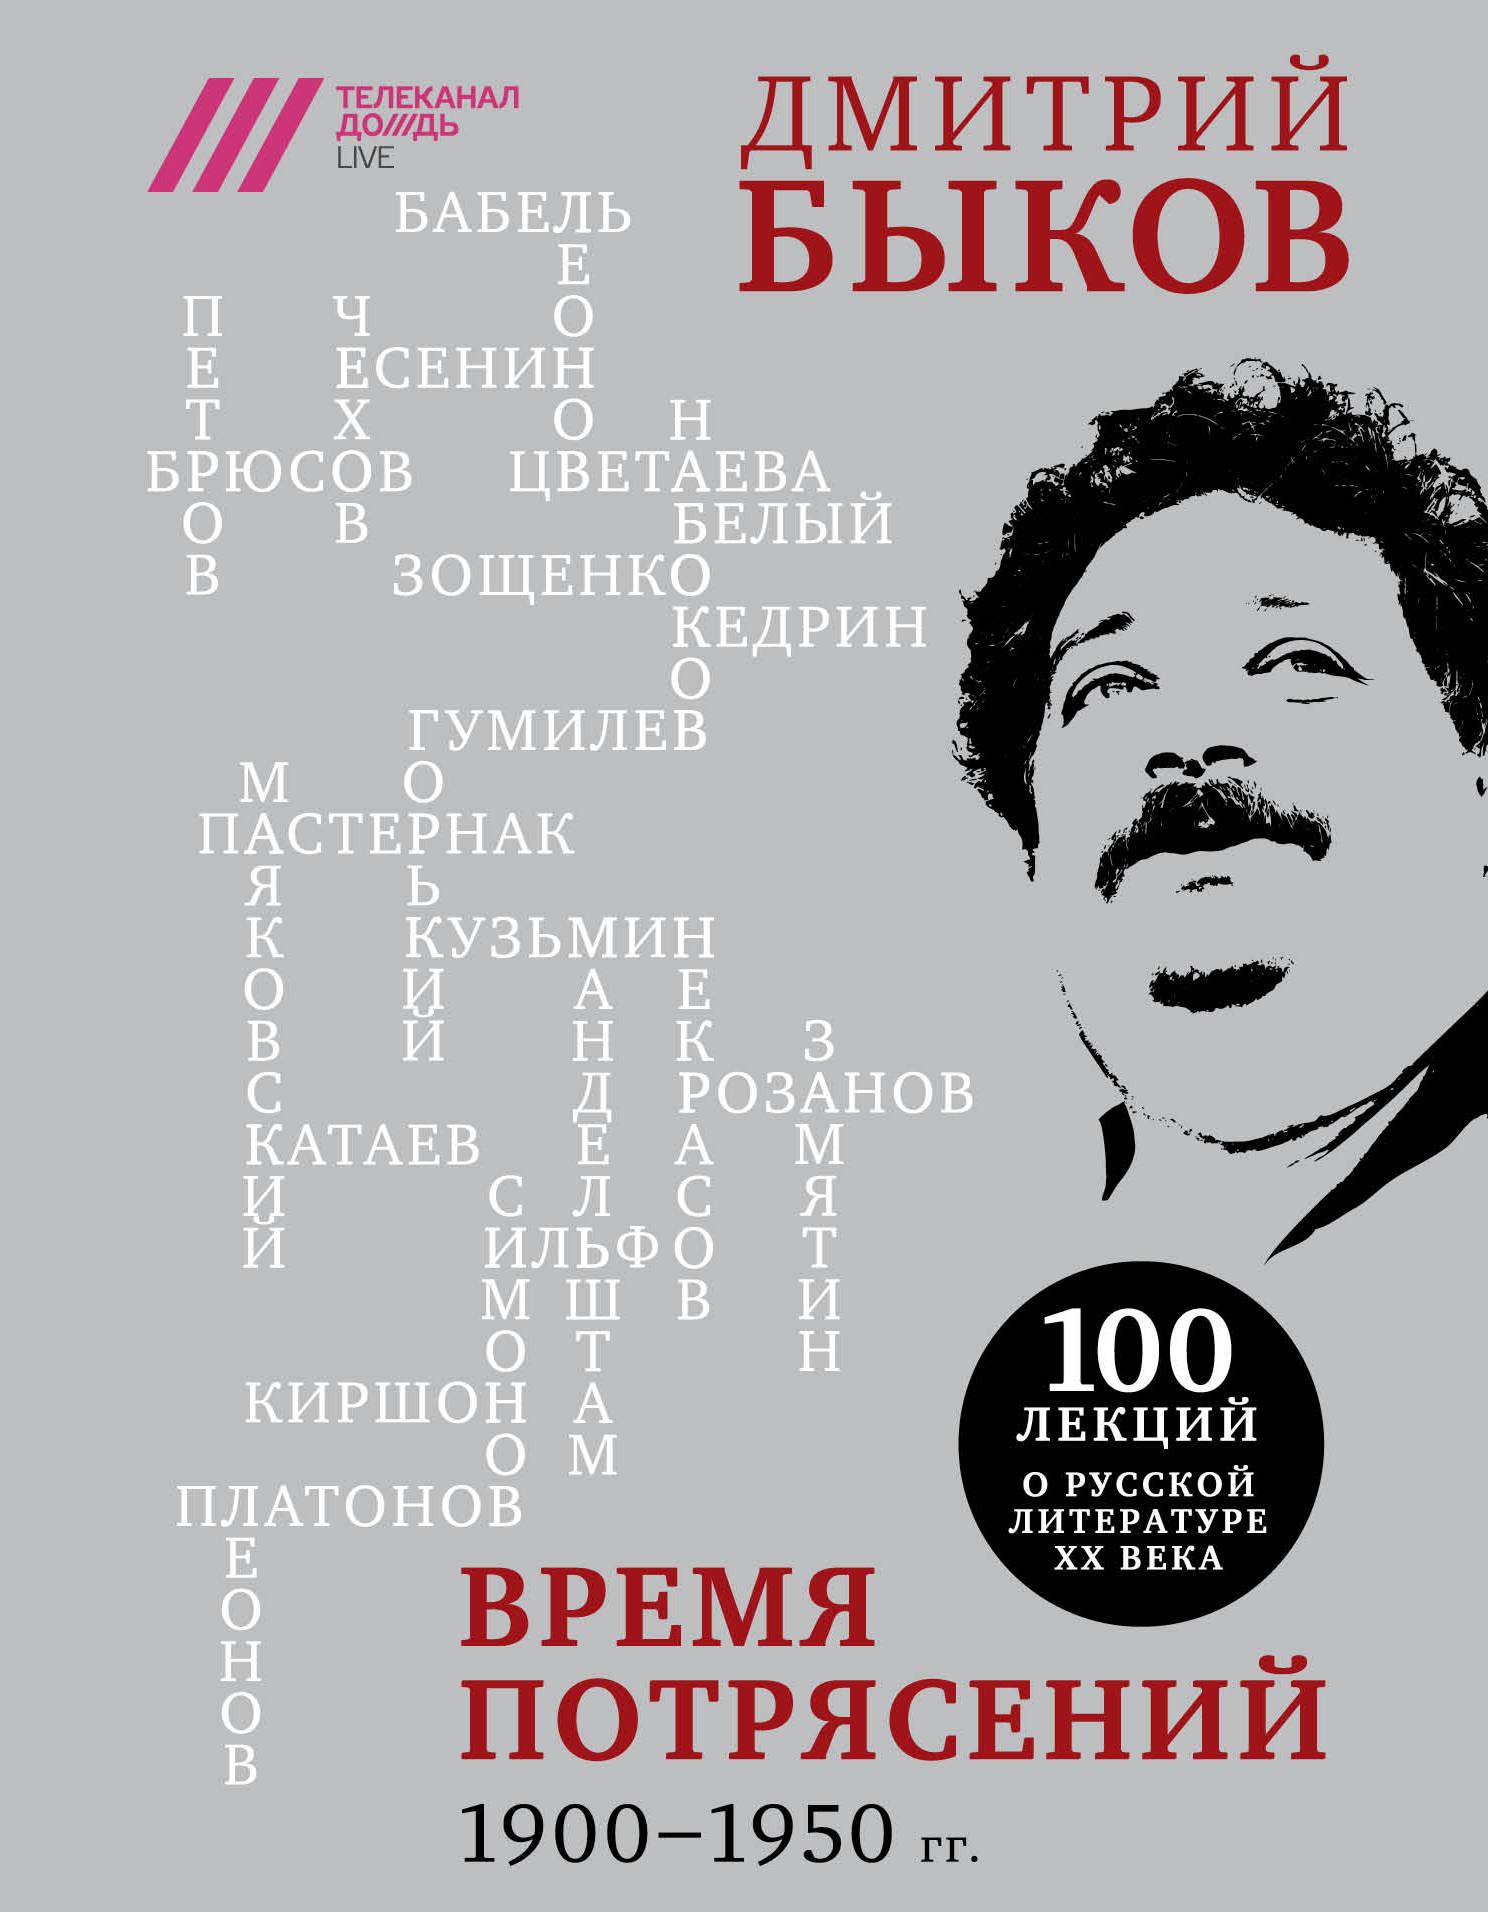 Дмитрий Быков Время потрясений. 1900-1950 гг.